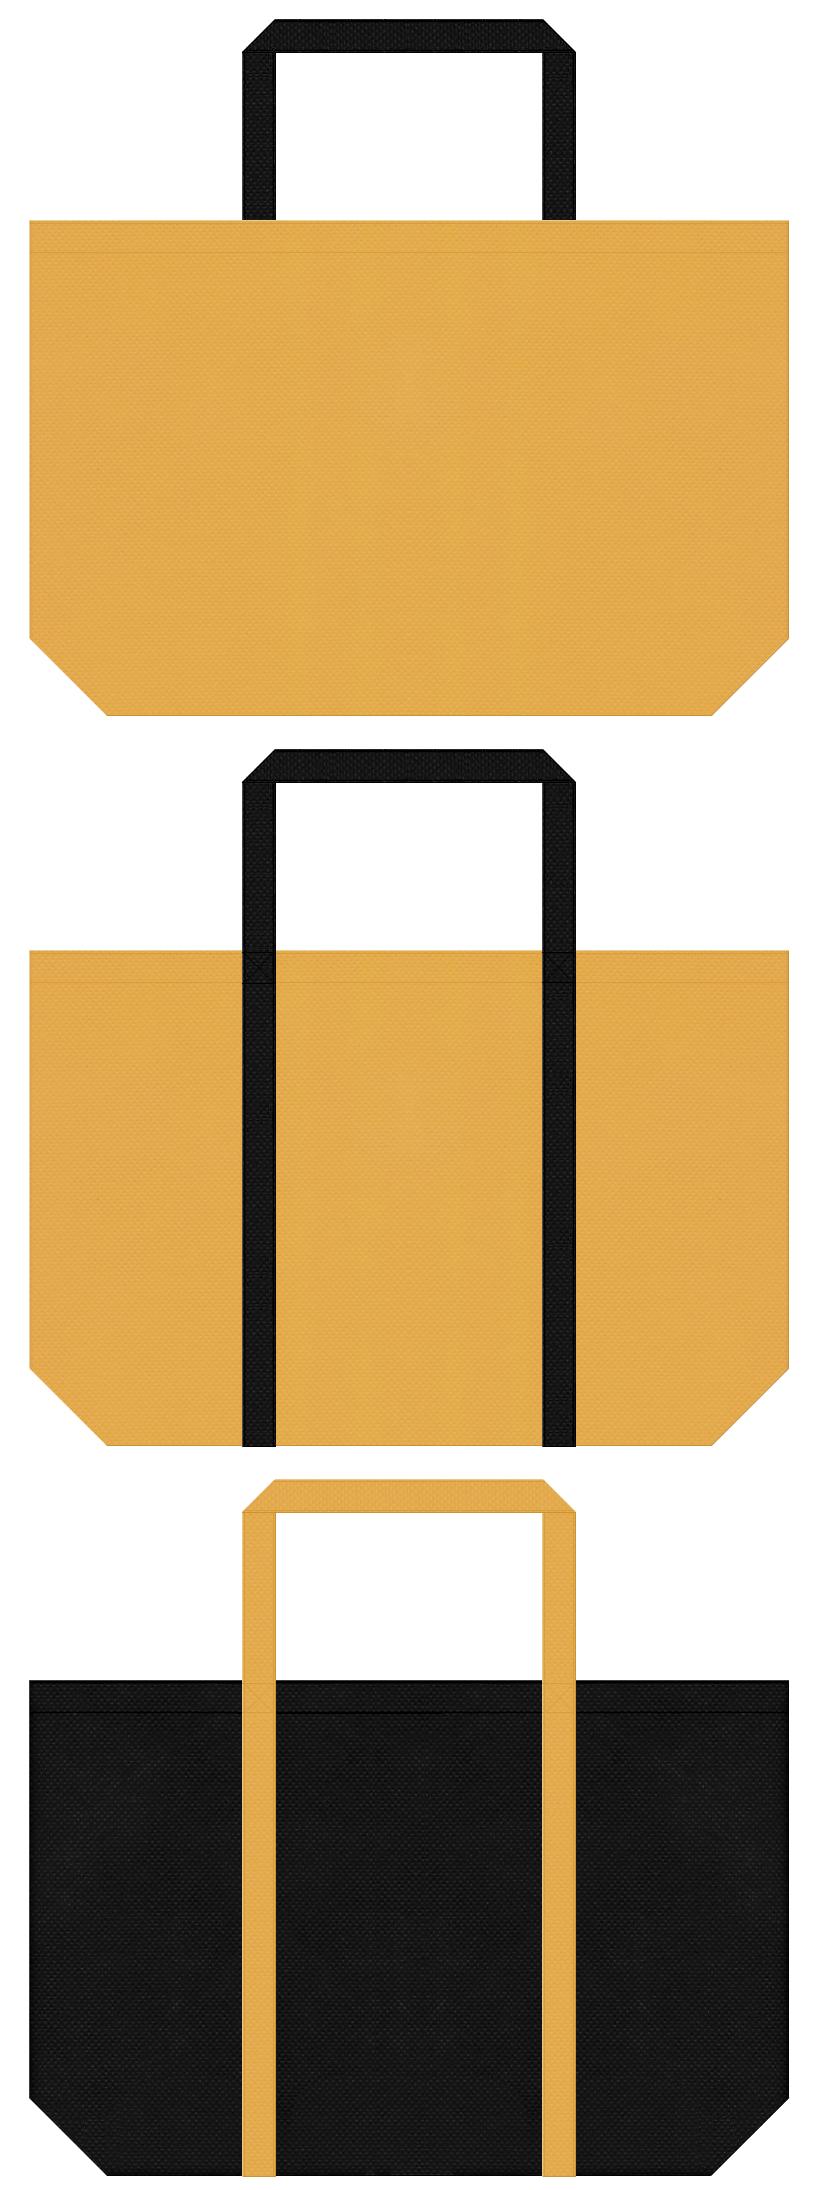 襖・額縁・大工・書道・ゲーム・大名・奉行・戦国・お城イベント・和風催事・黒胡椒・胡麻・きなこ・もなか・和菓子・芋焼酎のショッピングバッグにお奨めの不織布バッグデザイン:黄土色と黒色のコーデ